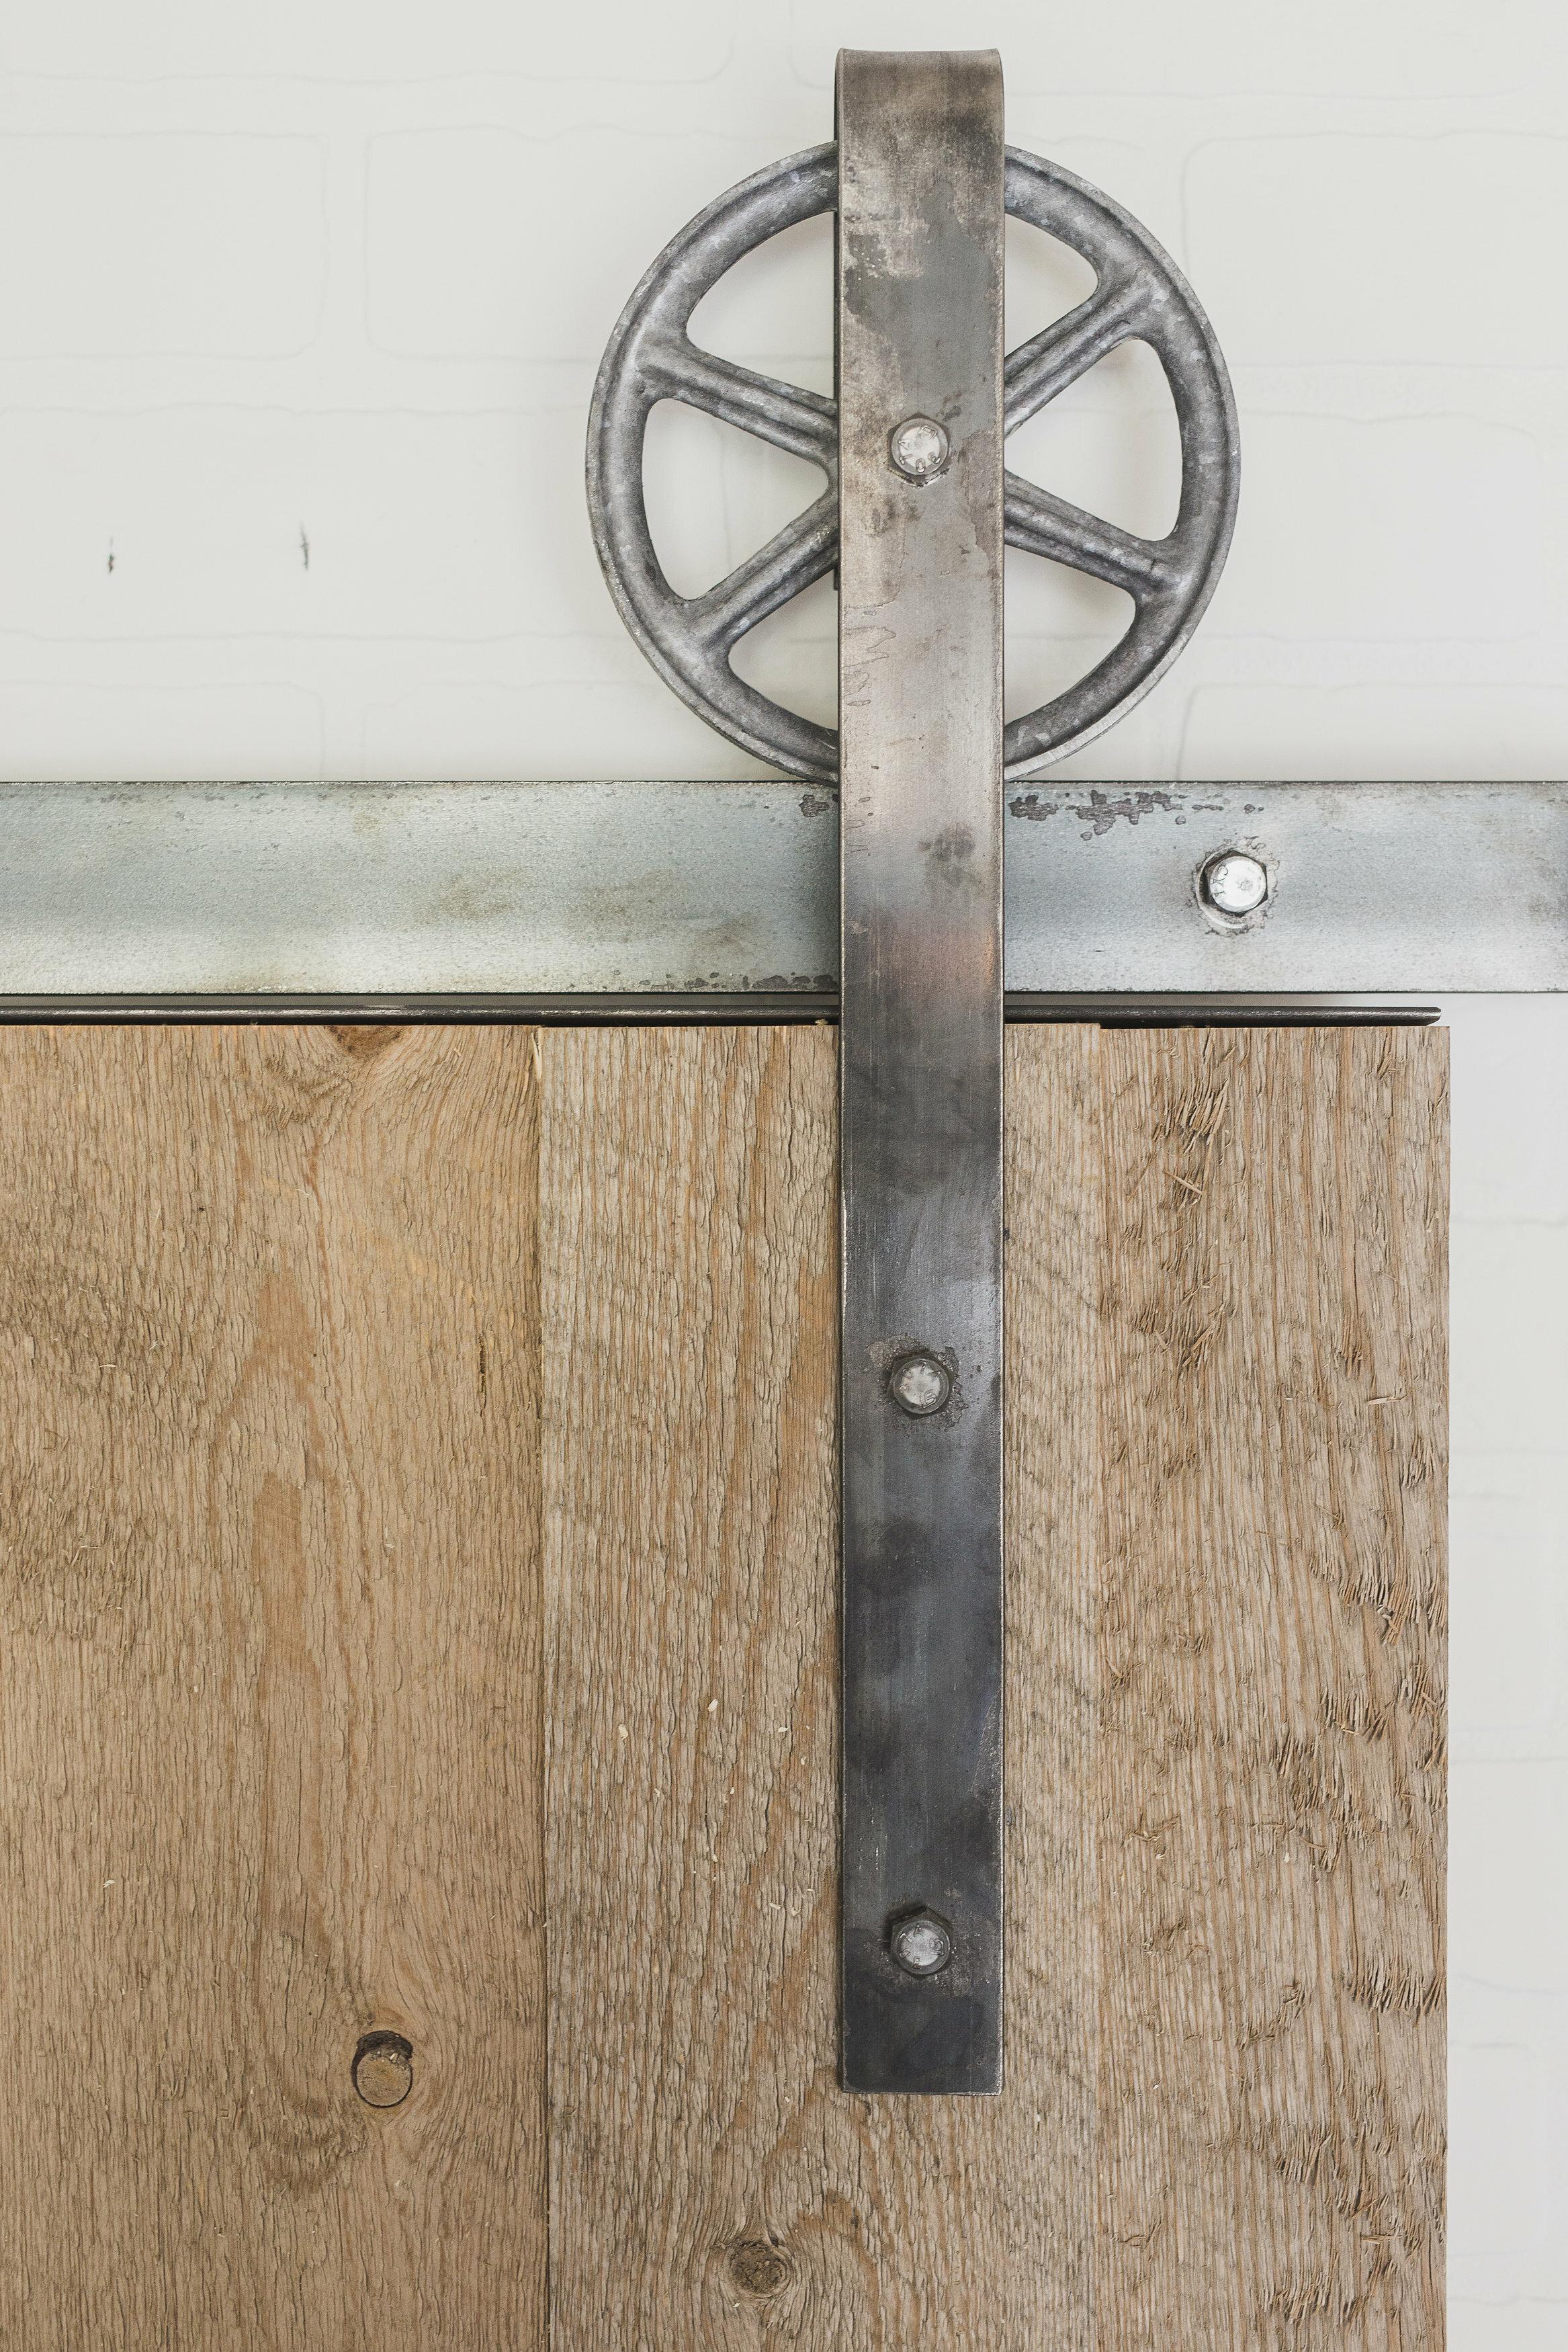 91 In 100 In Track Barn Door Hardware Youll Love Wayfair